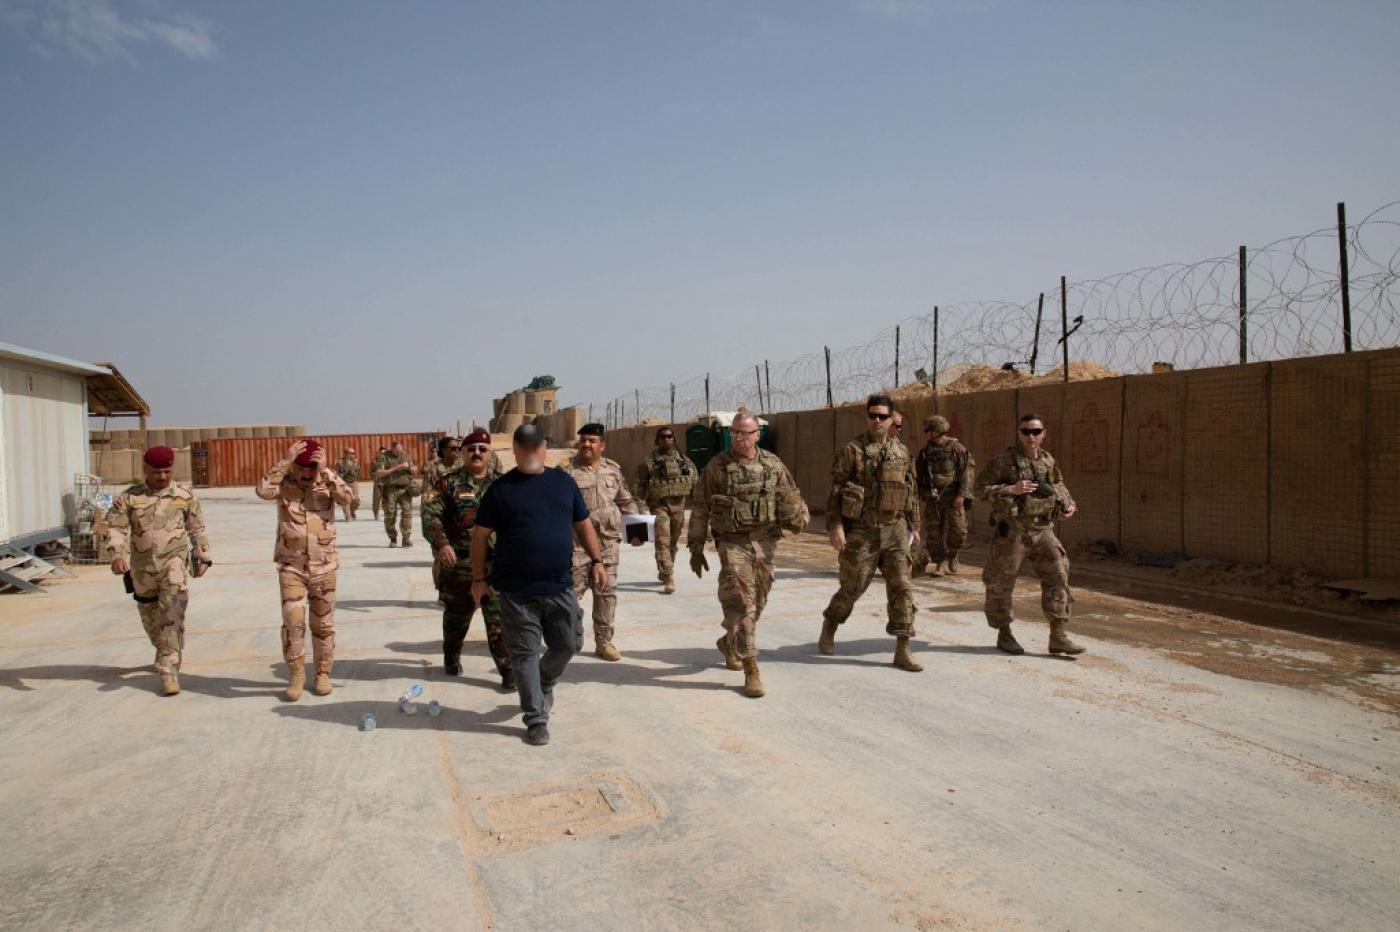 افزایش تحرکات مشکوک نظامی آمریکا در عراق